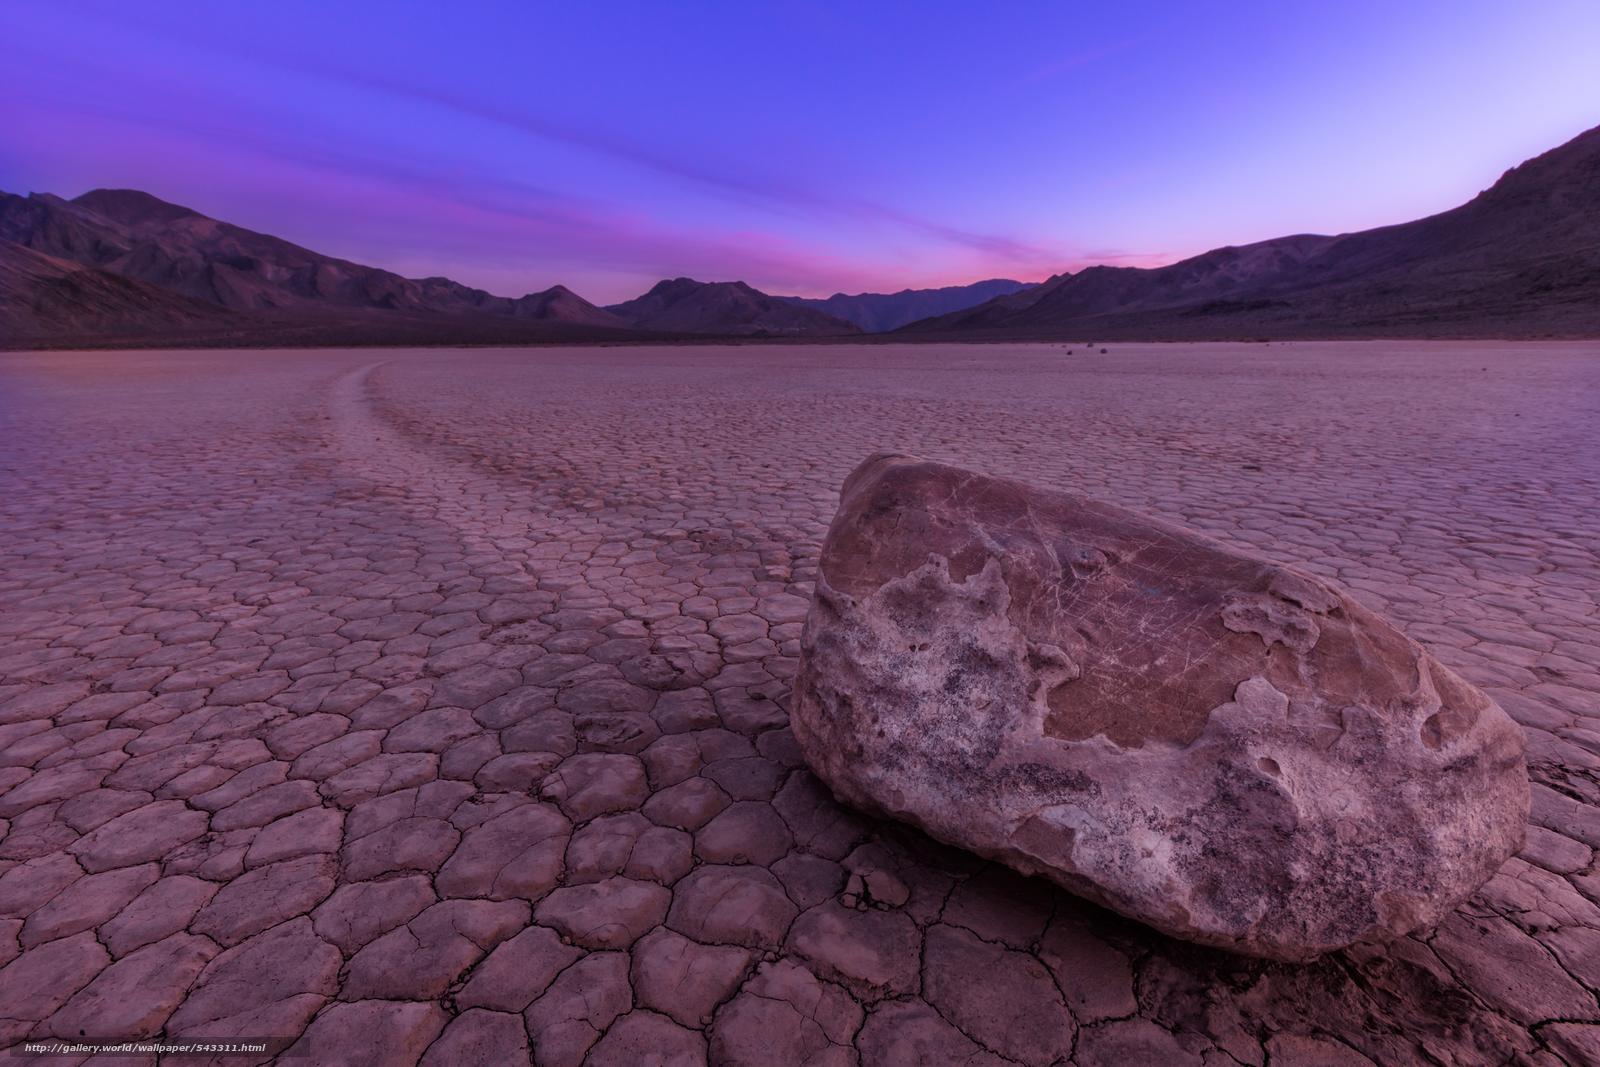 Скачать обои Национальный парк,  Долина Смерти,  камень,  пейзаж бесплатно для рабочего стола в разрешении 3072x2048 — картинка №543311